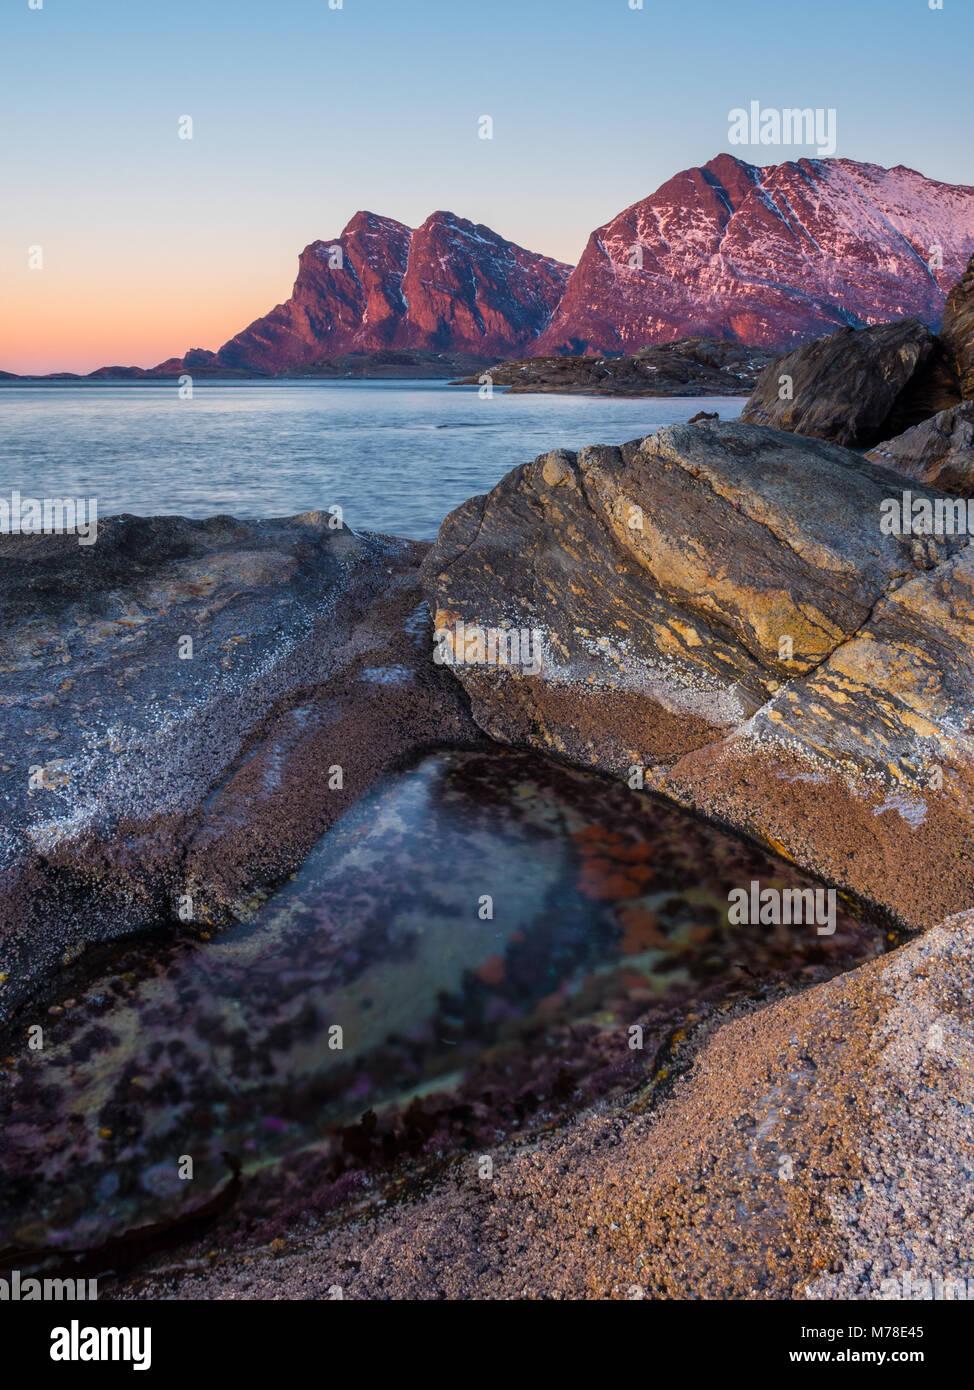 The mountains of Kjerringøy in the winter sunset - Stock Image